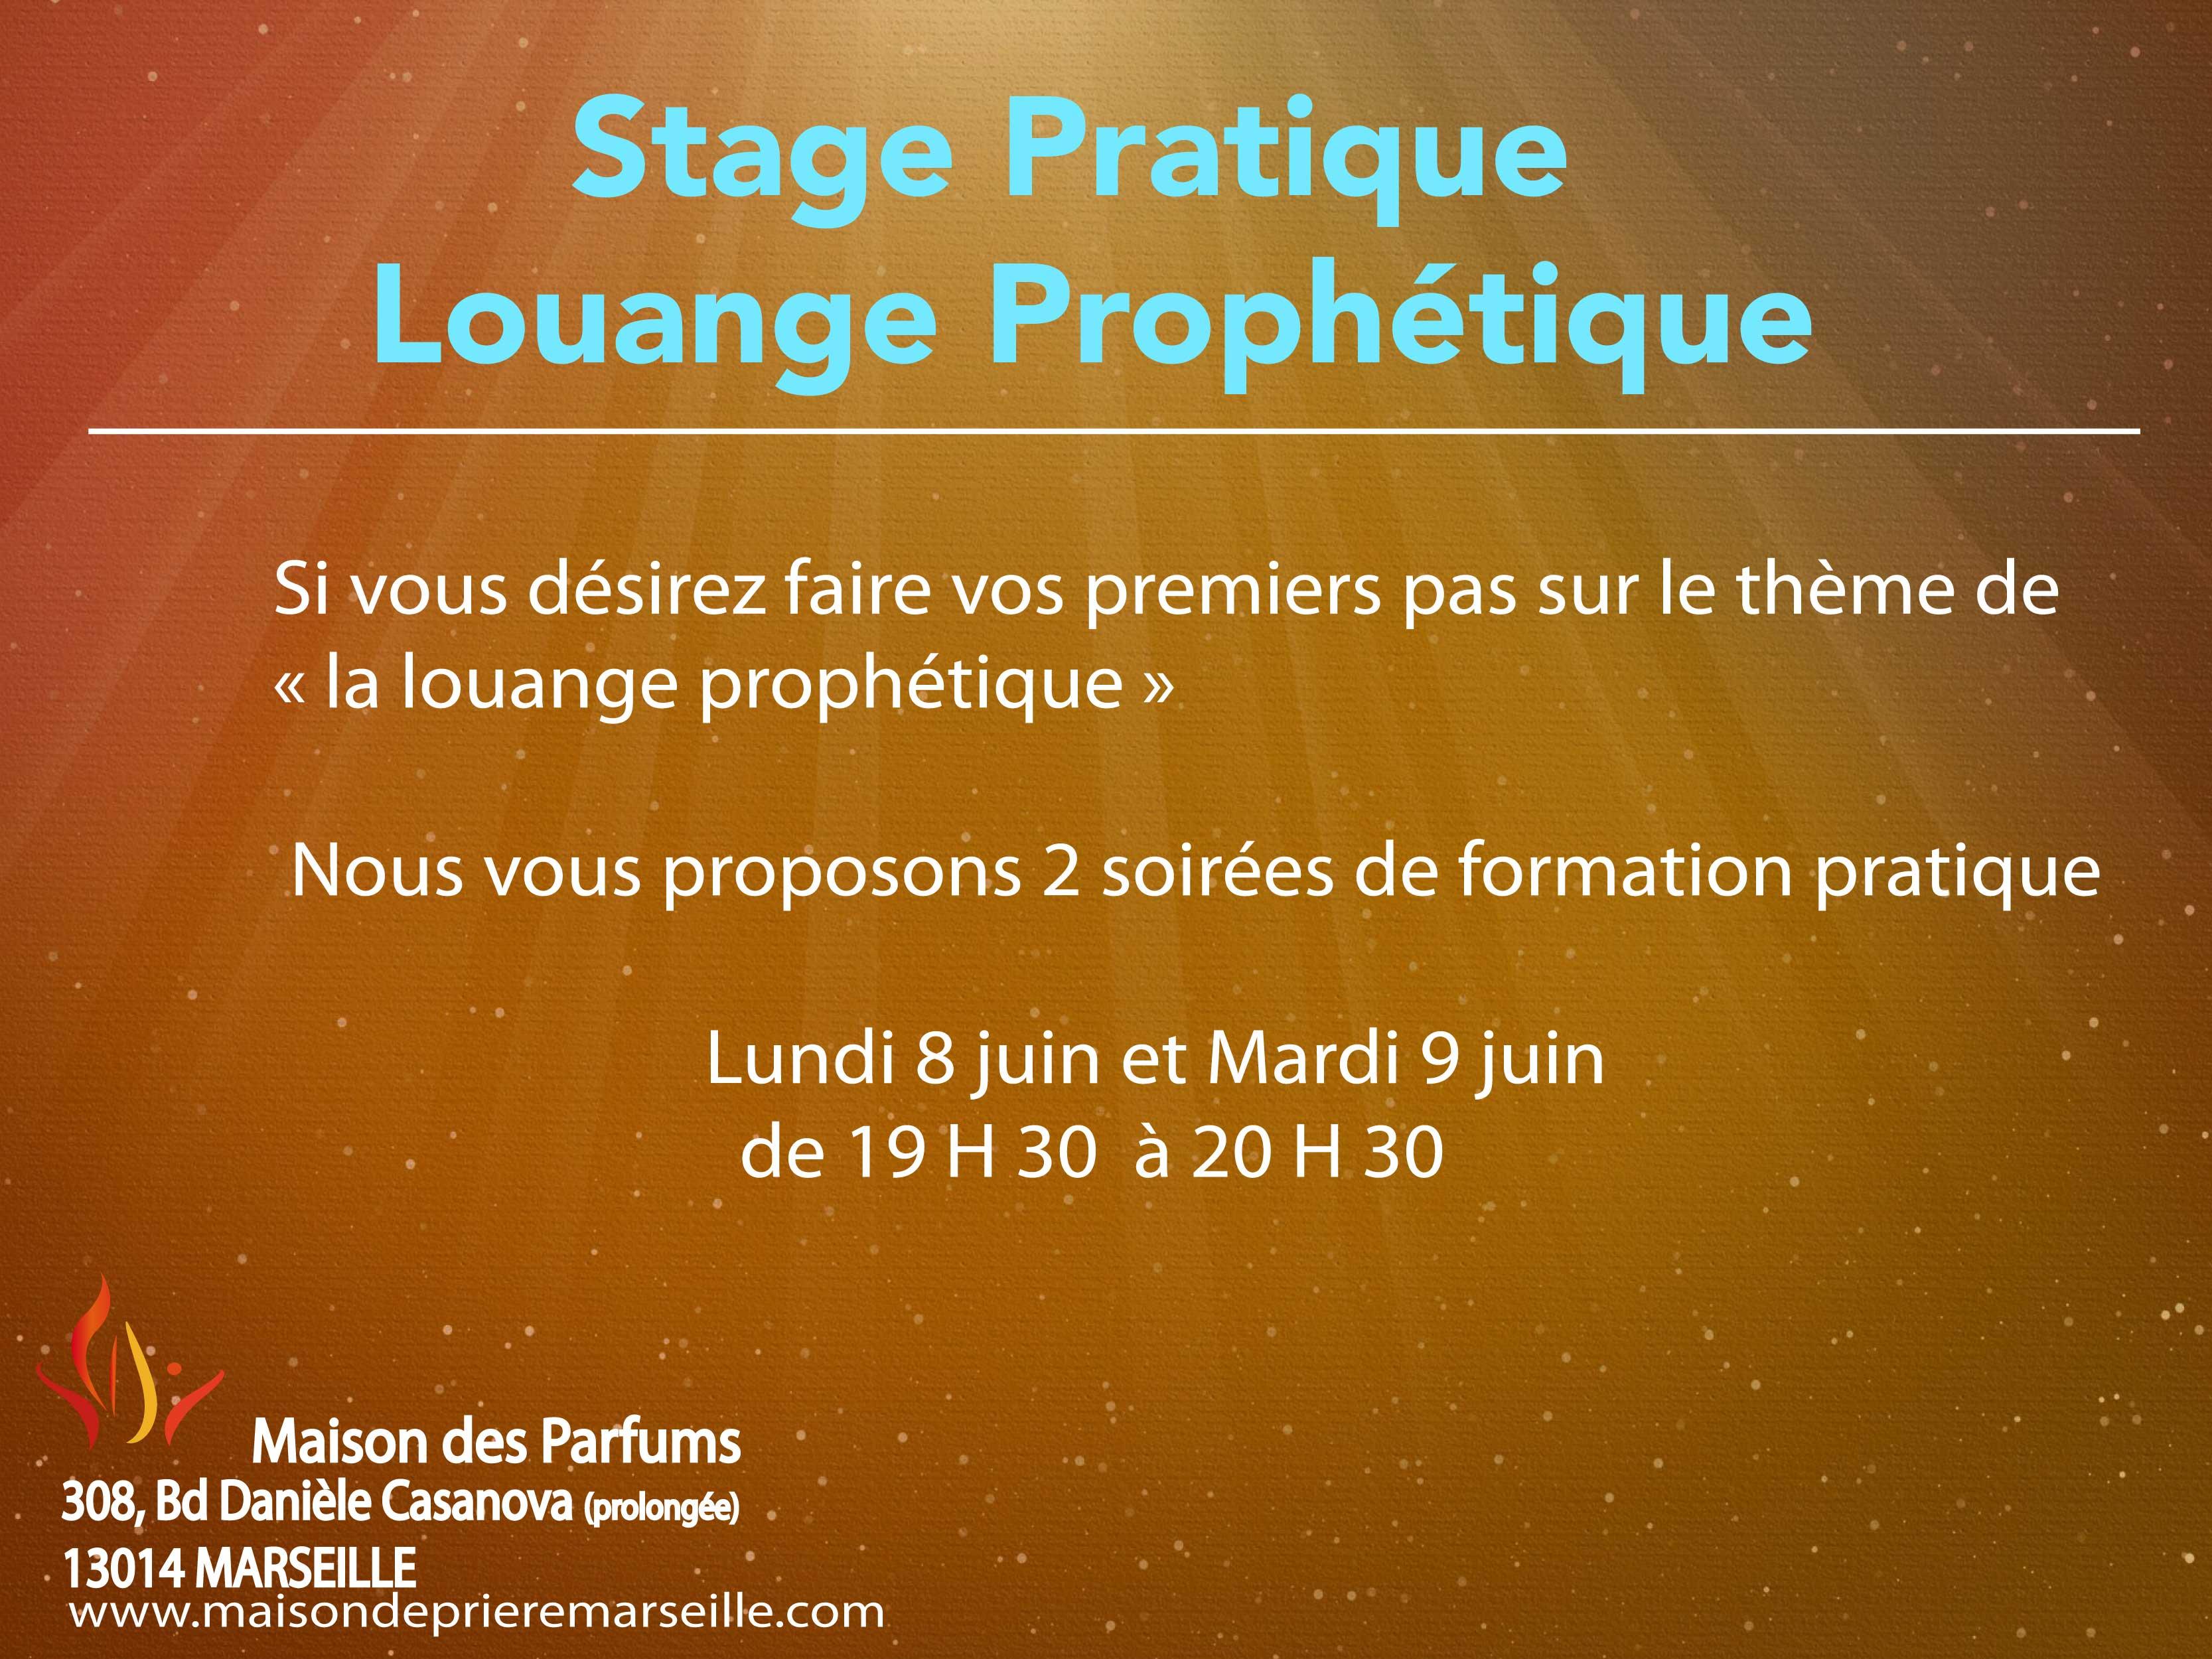 Formation pratique Louange pro